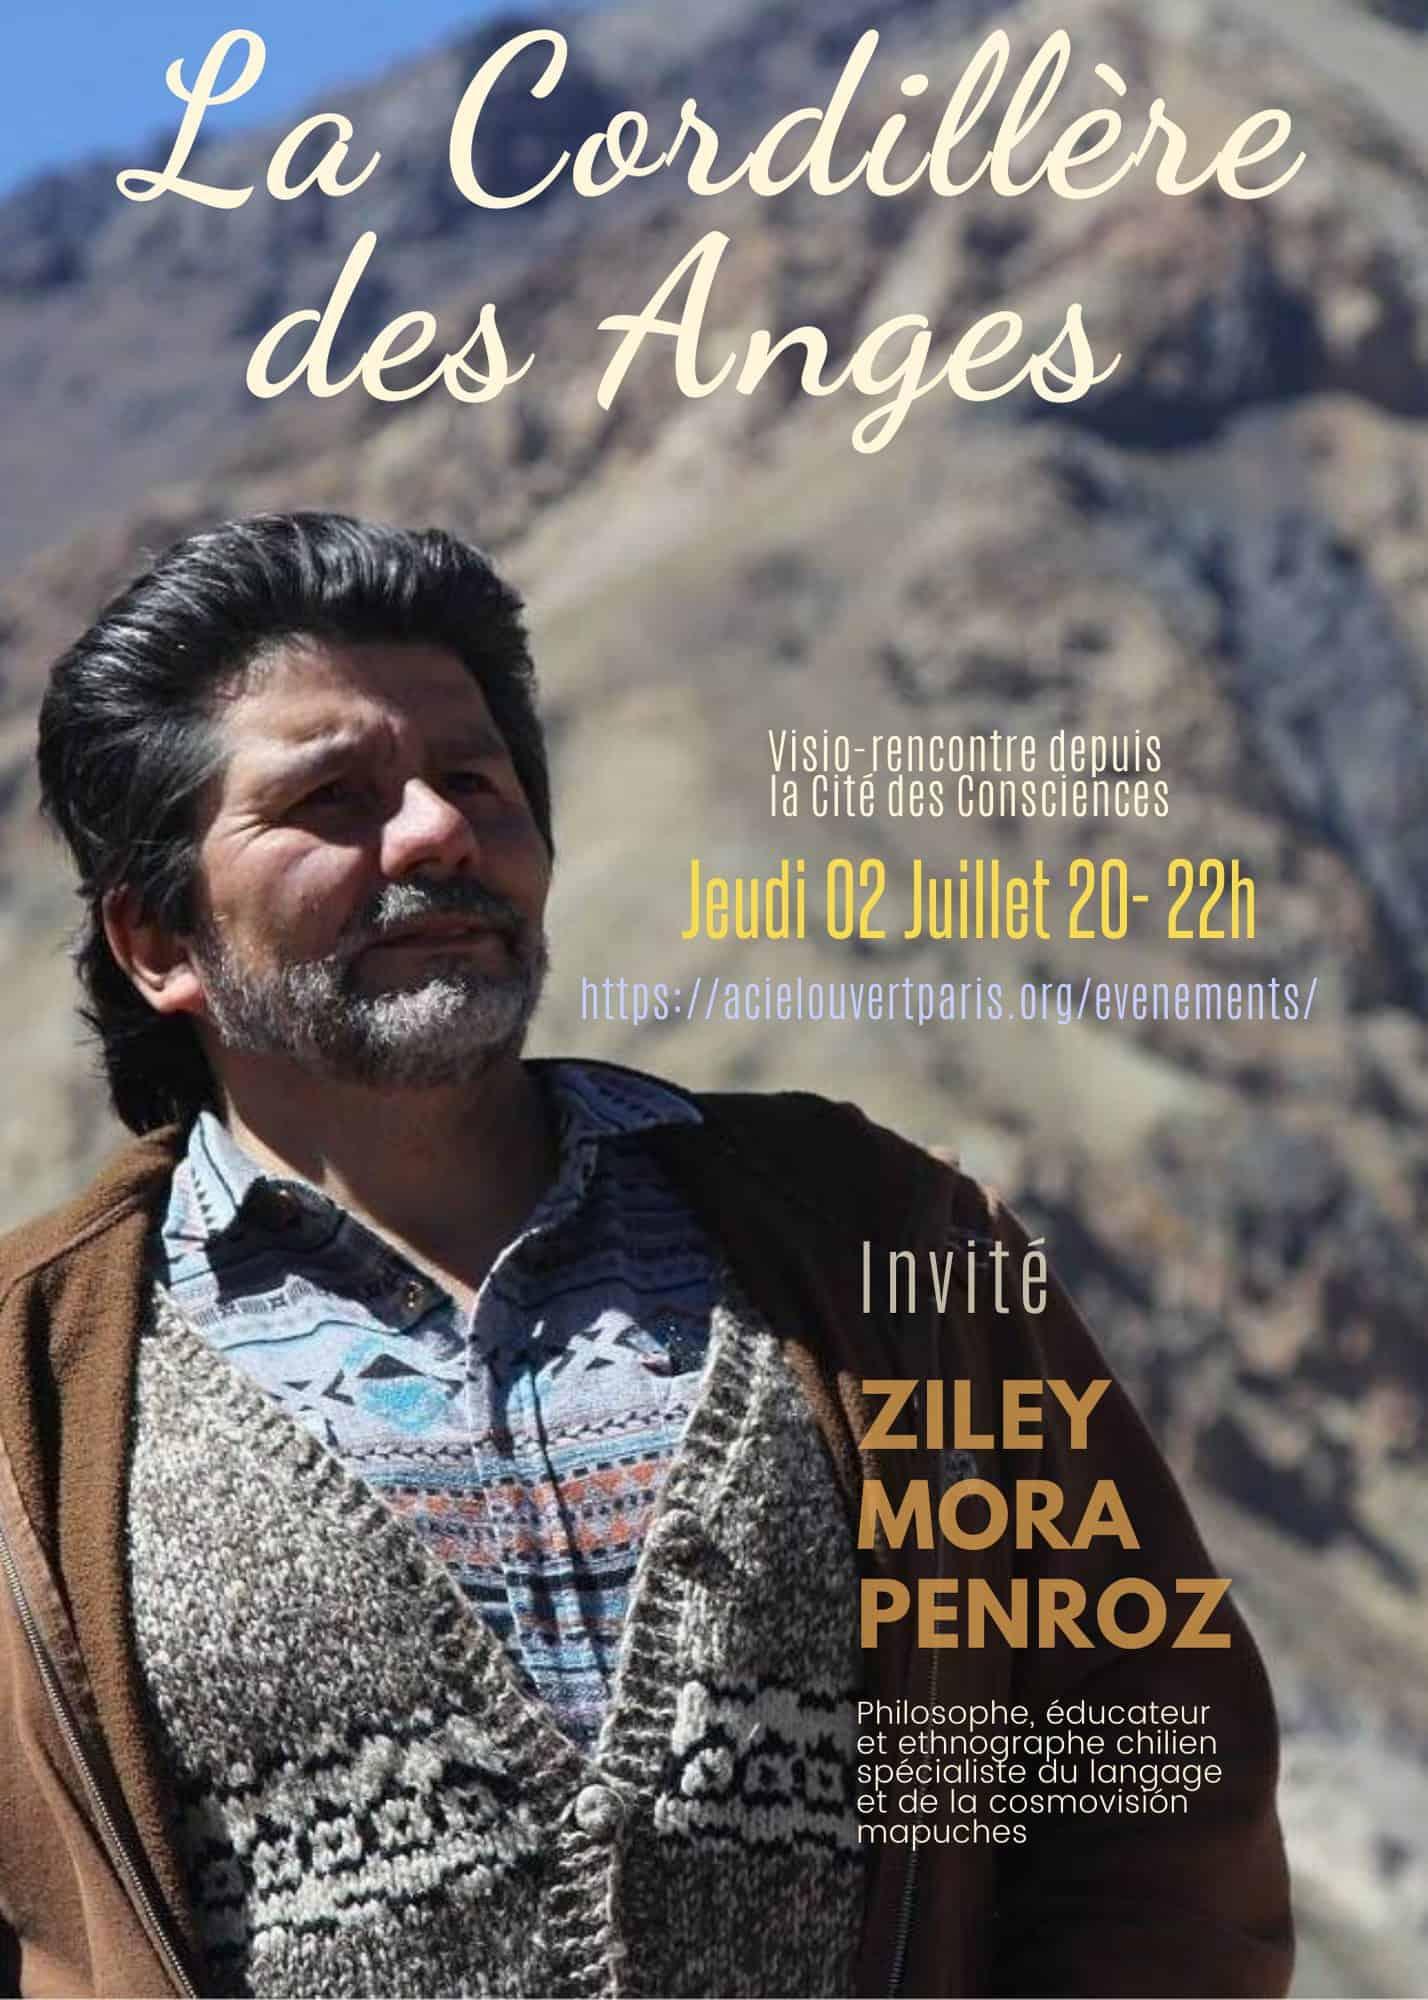 Renata Armesto - La cordillère des Anges - Ziley Mora Penroz